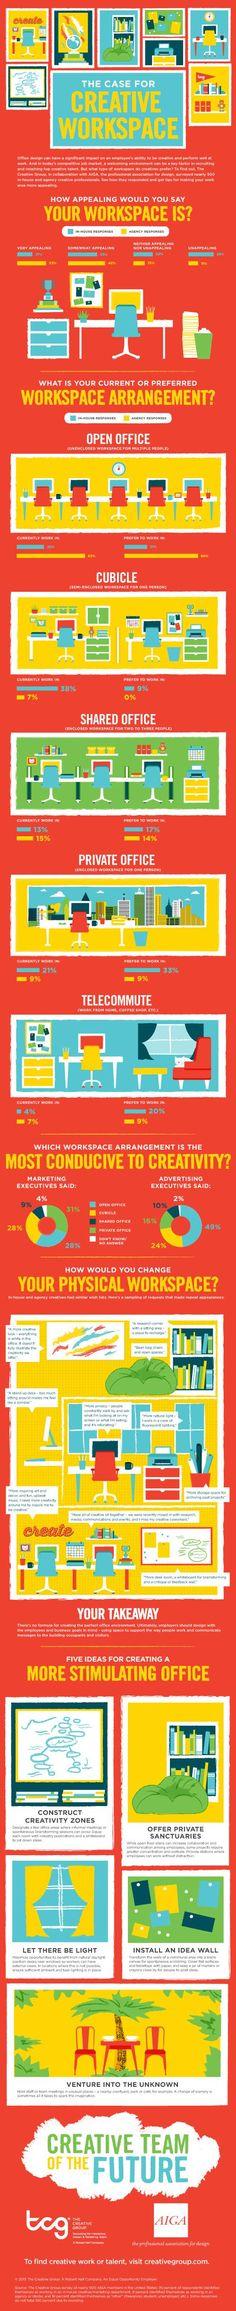 Infographic: Creative Workspaces | Robert Half